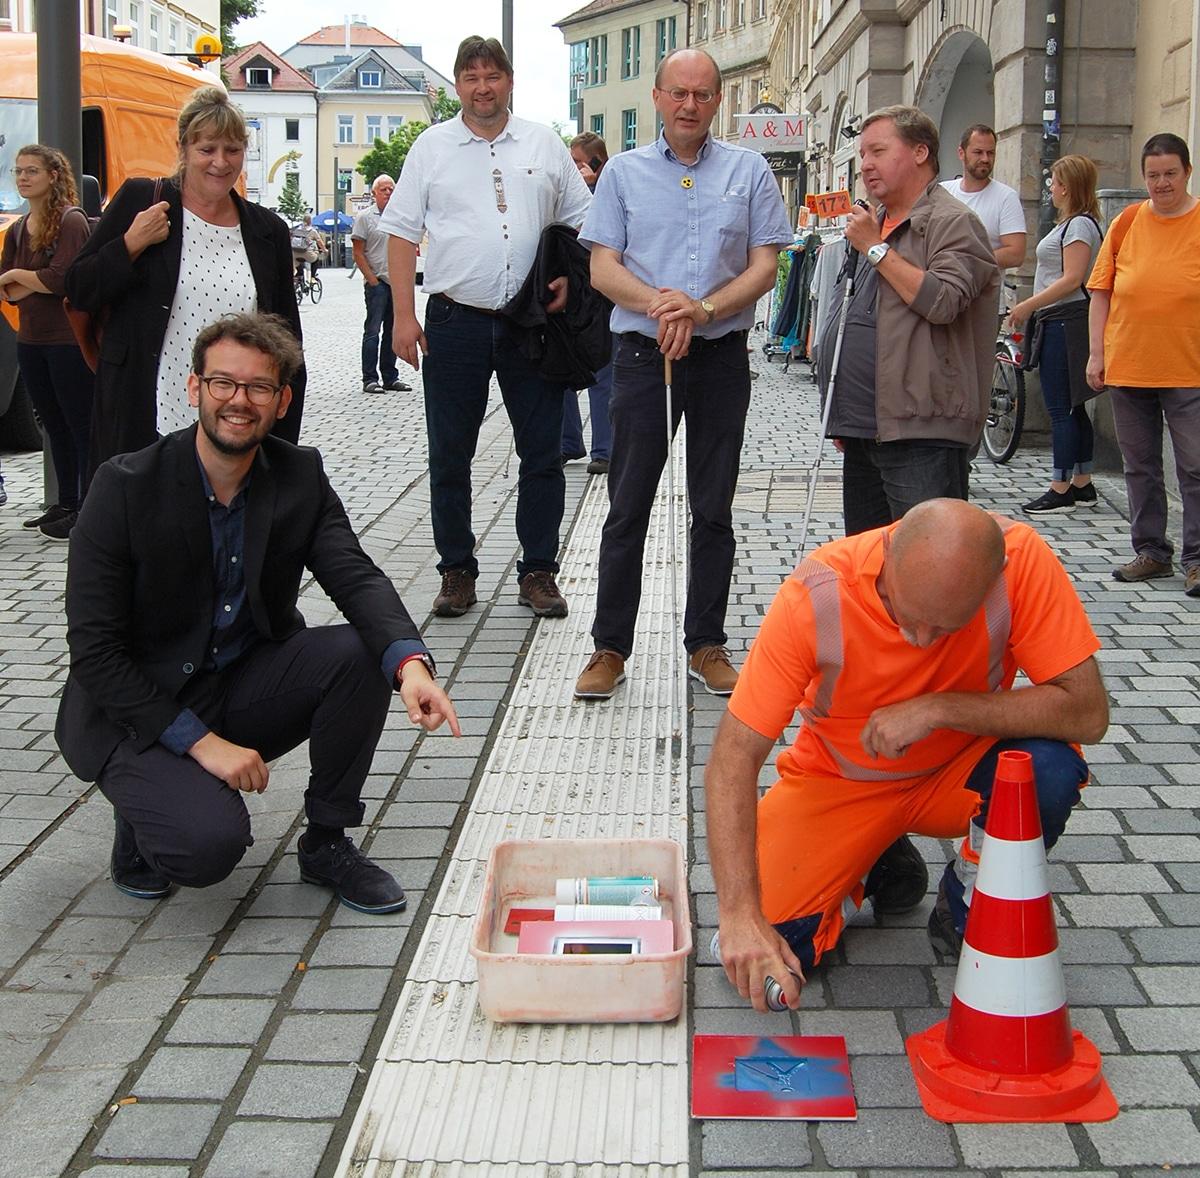 Mehrere Menschen schauen einem Mitarbeiter des Stadtbauhofs zu, wie er das Logo des Blindenleitsystems auf den Boden sprüht.